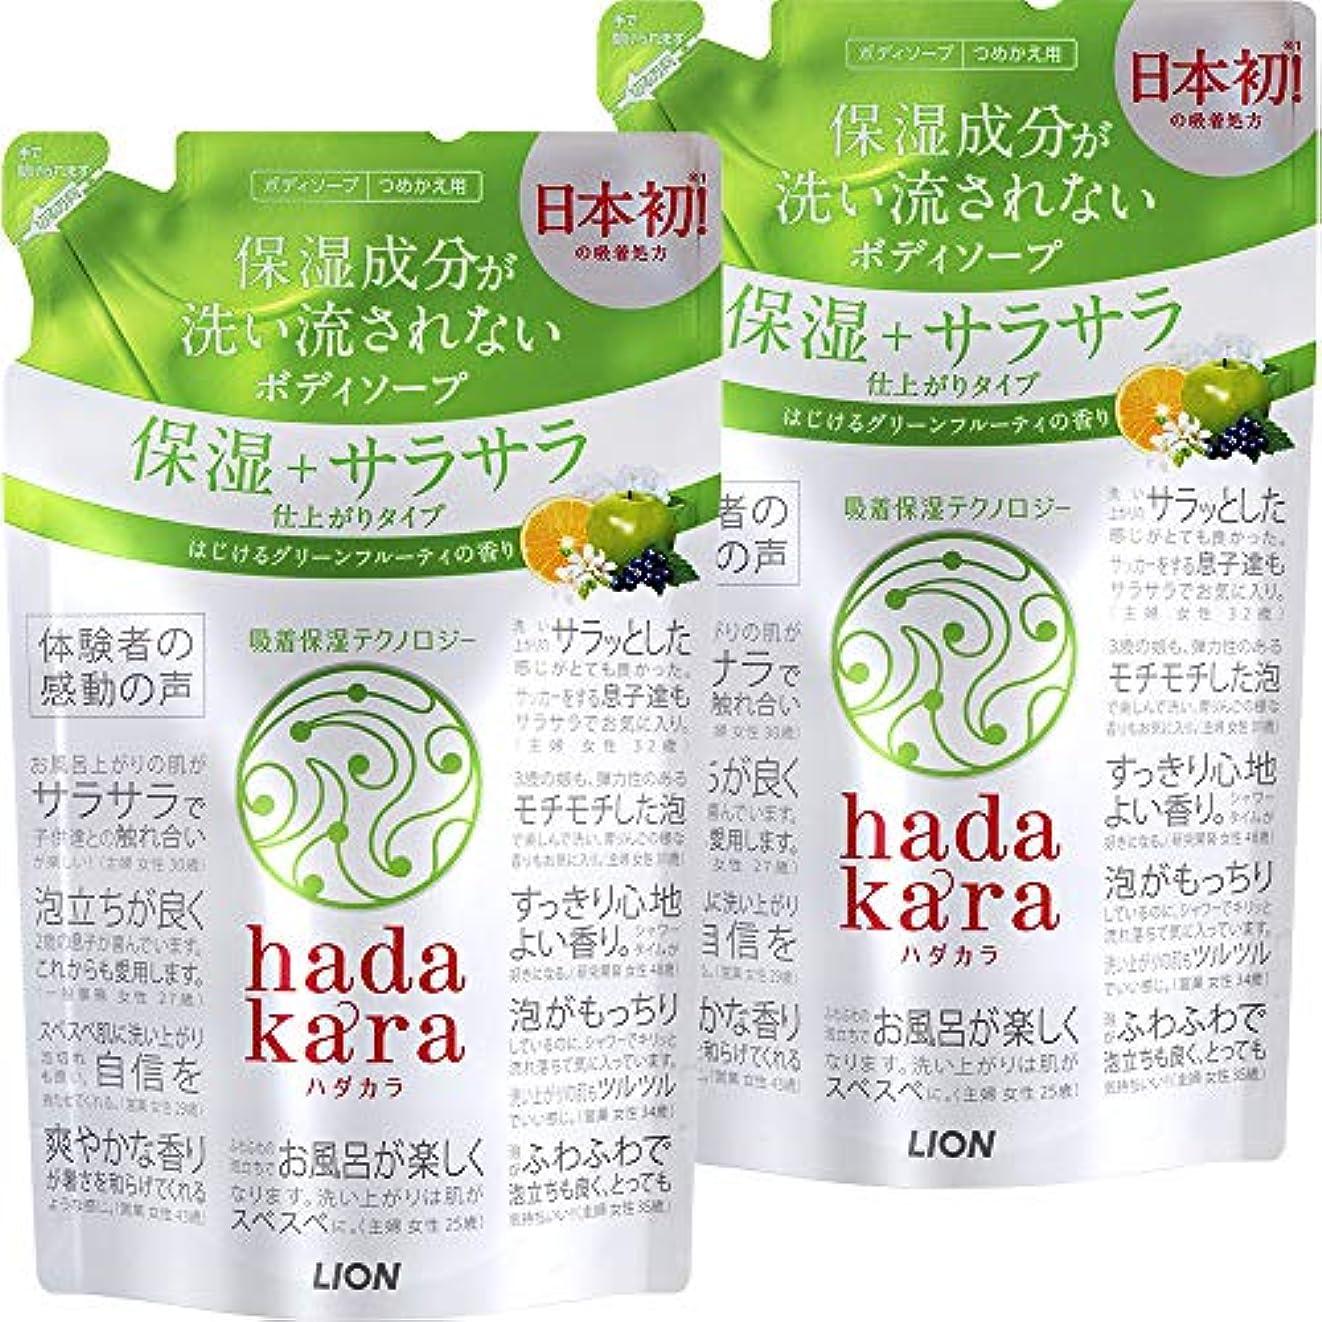 派手ストレスの多い泣き叫ぶ【まとめ買い】hadakara(ハダカラ) ボディソープ 保湿+サラサラ仕上がりタイプ グリーンフルーティの香り 詰め替え 340ml×2個パック